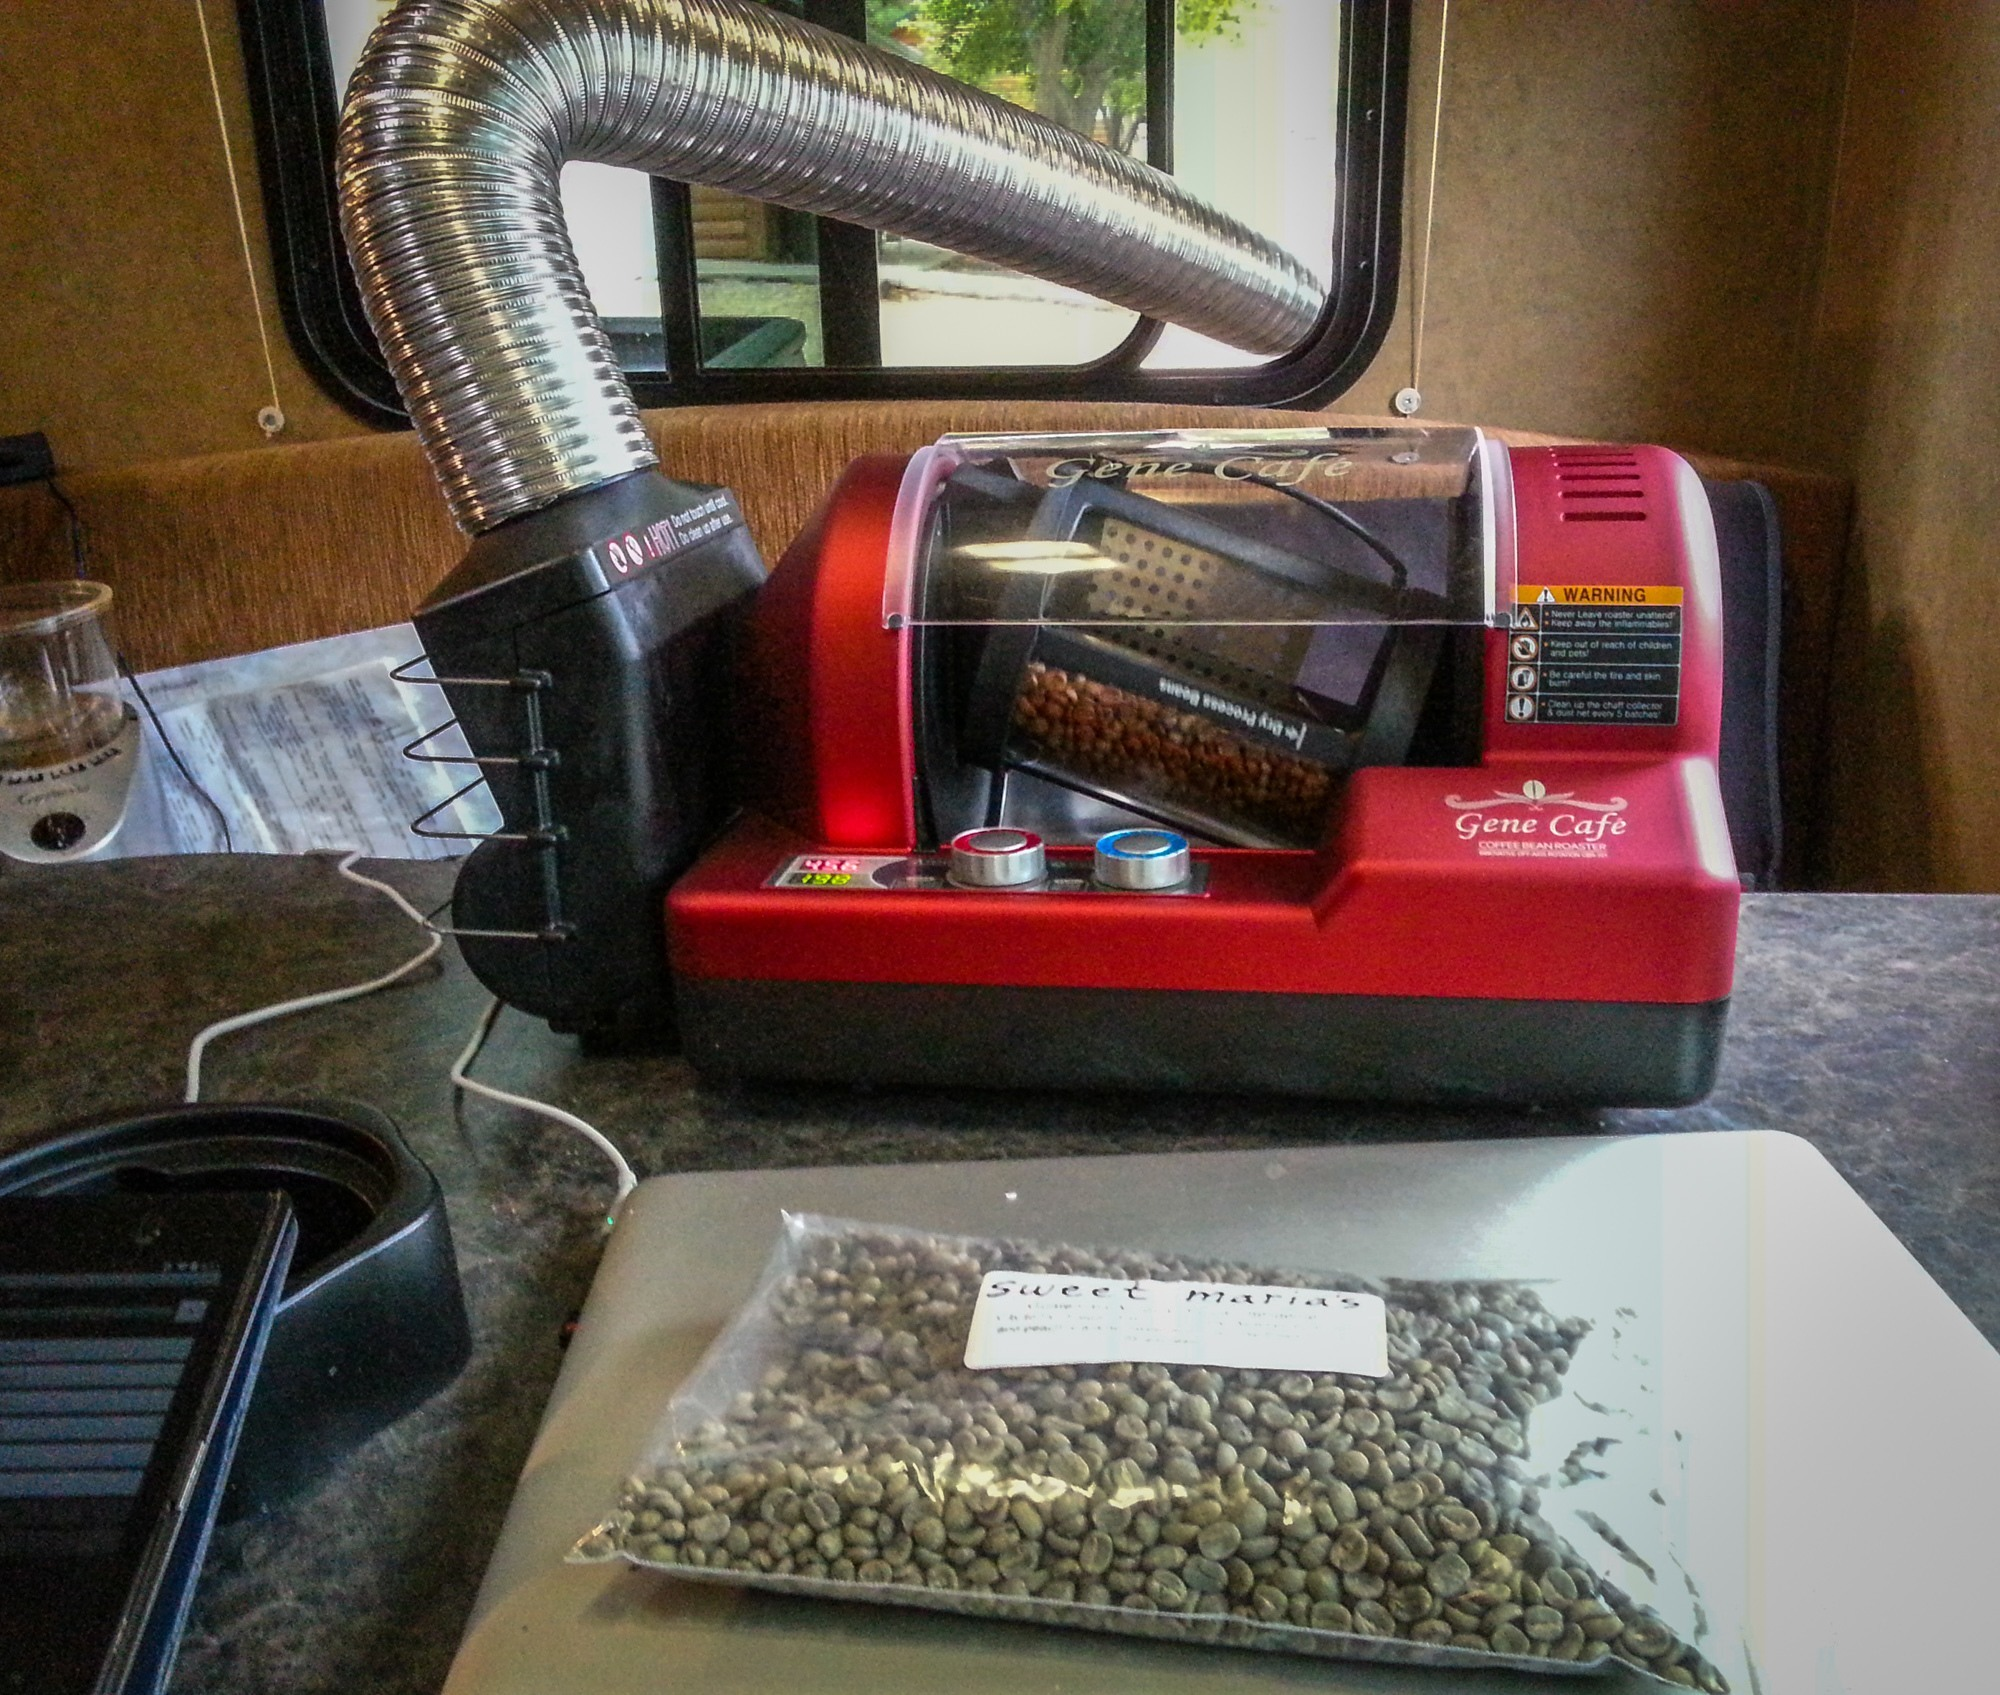 gene cafe roaster